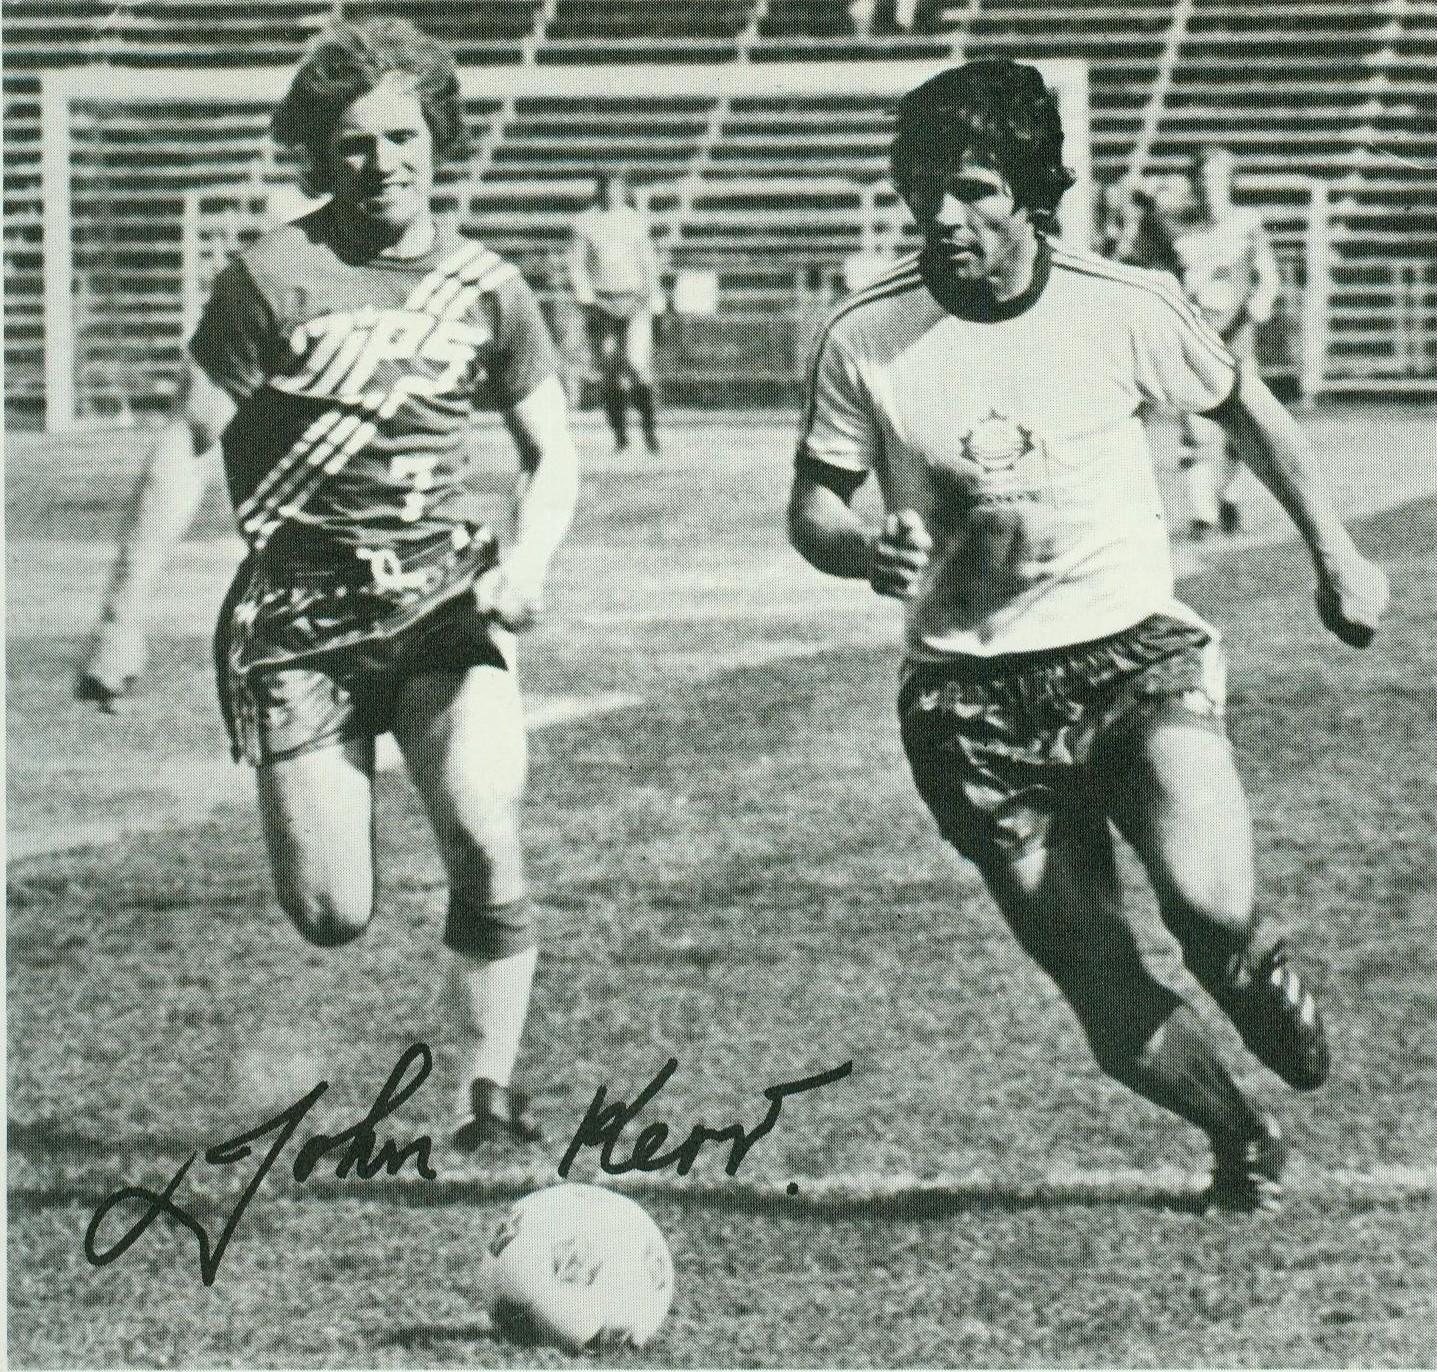 John Kerr Soccer